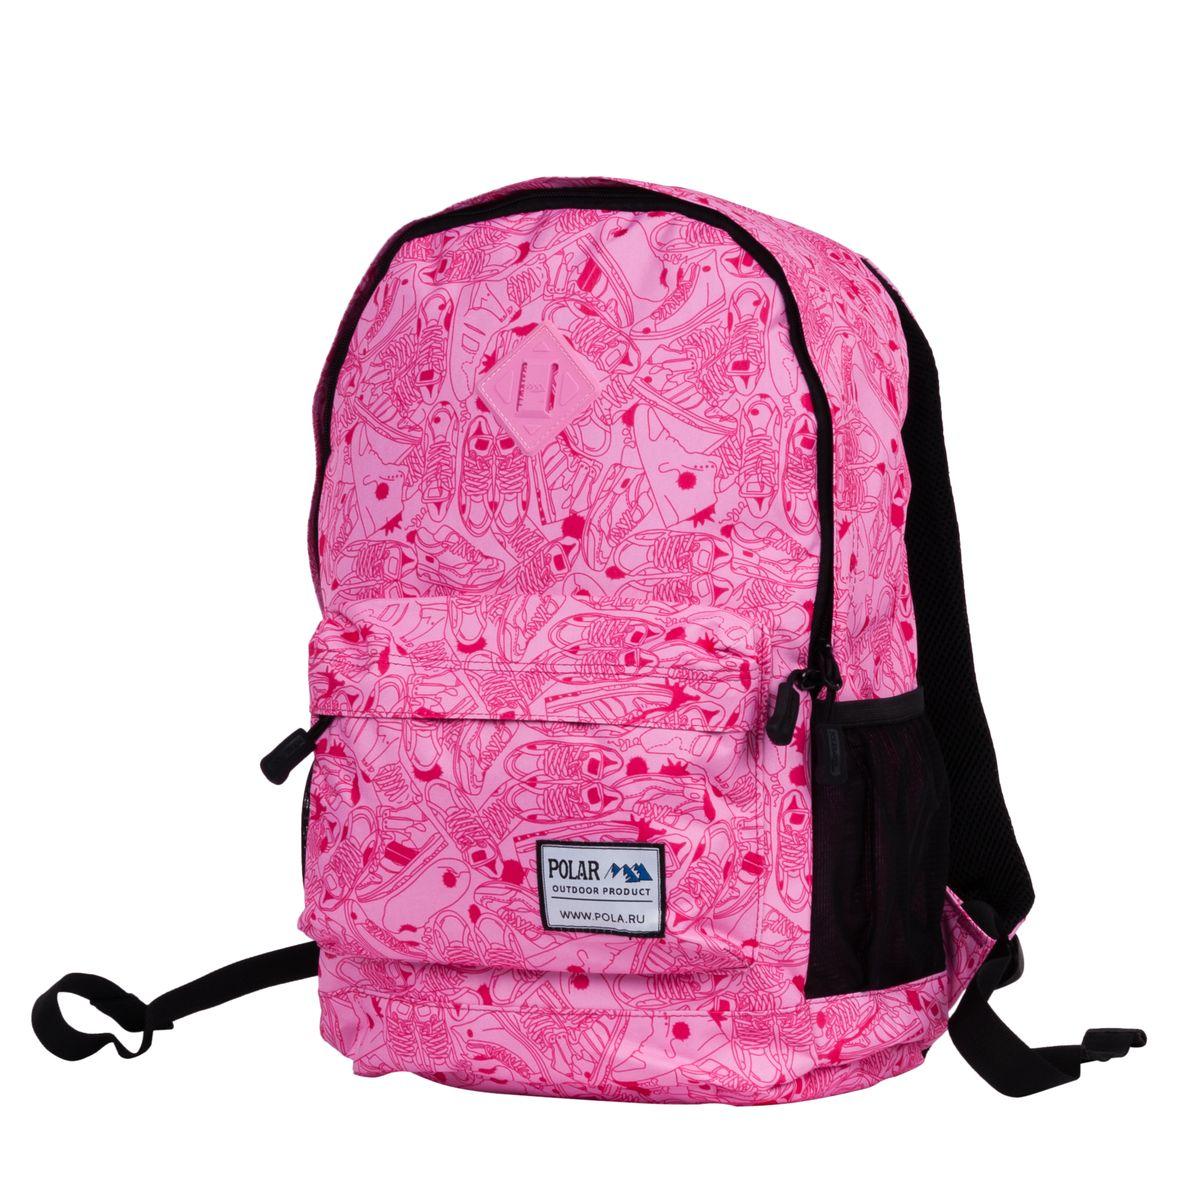 Рюкзак городской Polar, 22,5 л, цвет: светло-розовый. 1500815008Вместительный городской рюкзак фирмы Polar имеет мягкую поролоновую спинку и мягкие лямки. Рюкзак имеет одно отделение, которое закрывается на молнию. Внутри карман на молнии и отделение под планшет или ноутбук до 14. Спереди объемный карман для небольших предметов. По бокам два кармана из сетчатого материала на резинке.